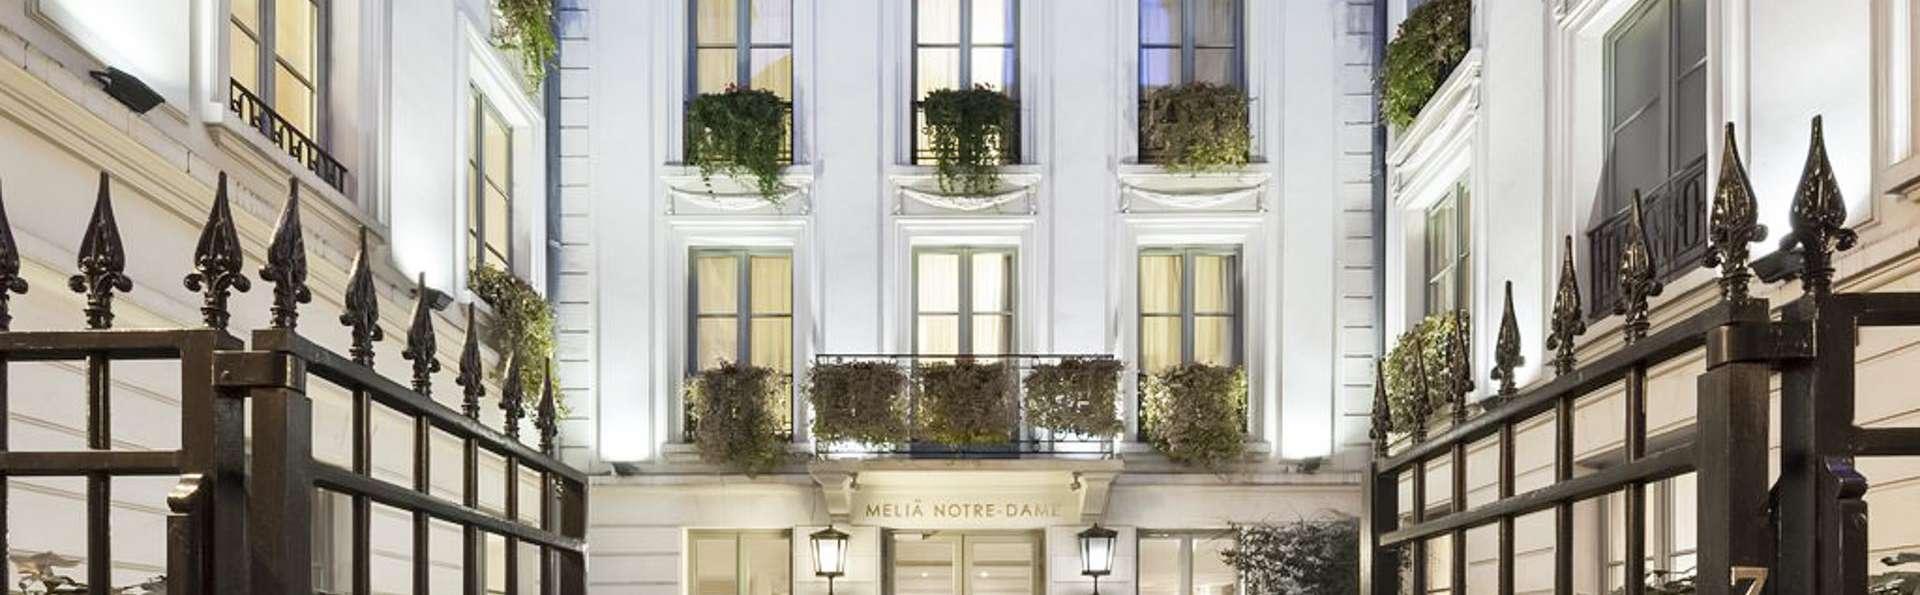 Melia Paris Notre-Dame - EDIT_FRONT_02.jpg